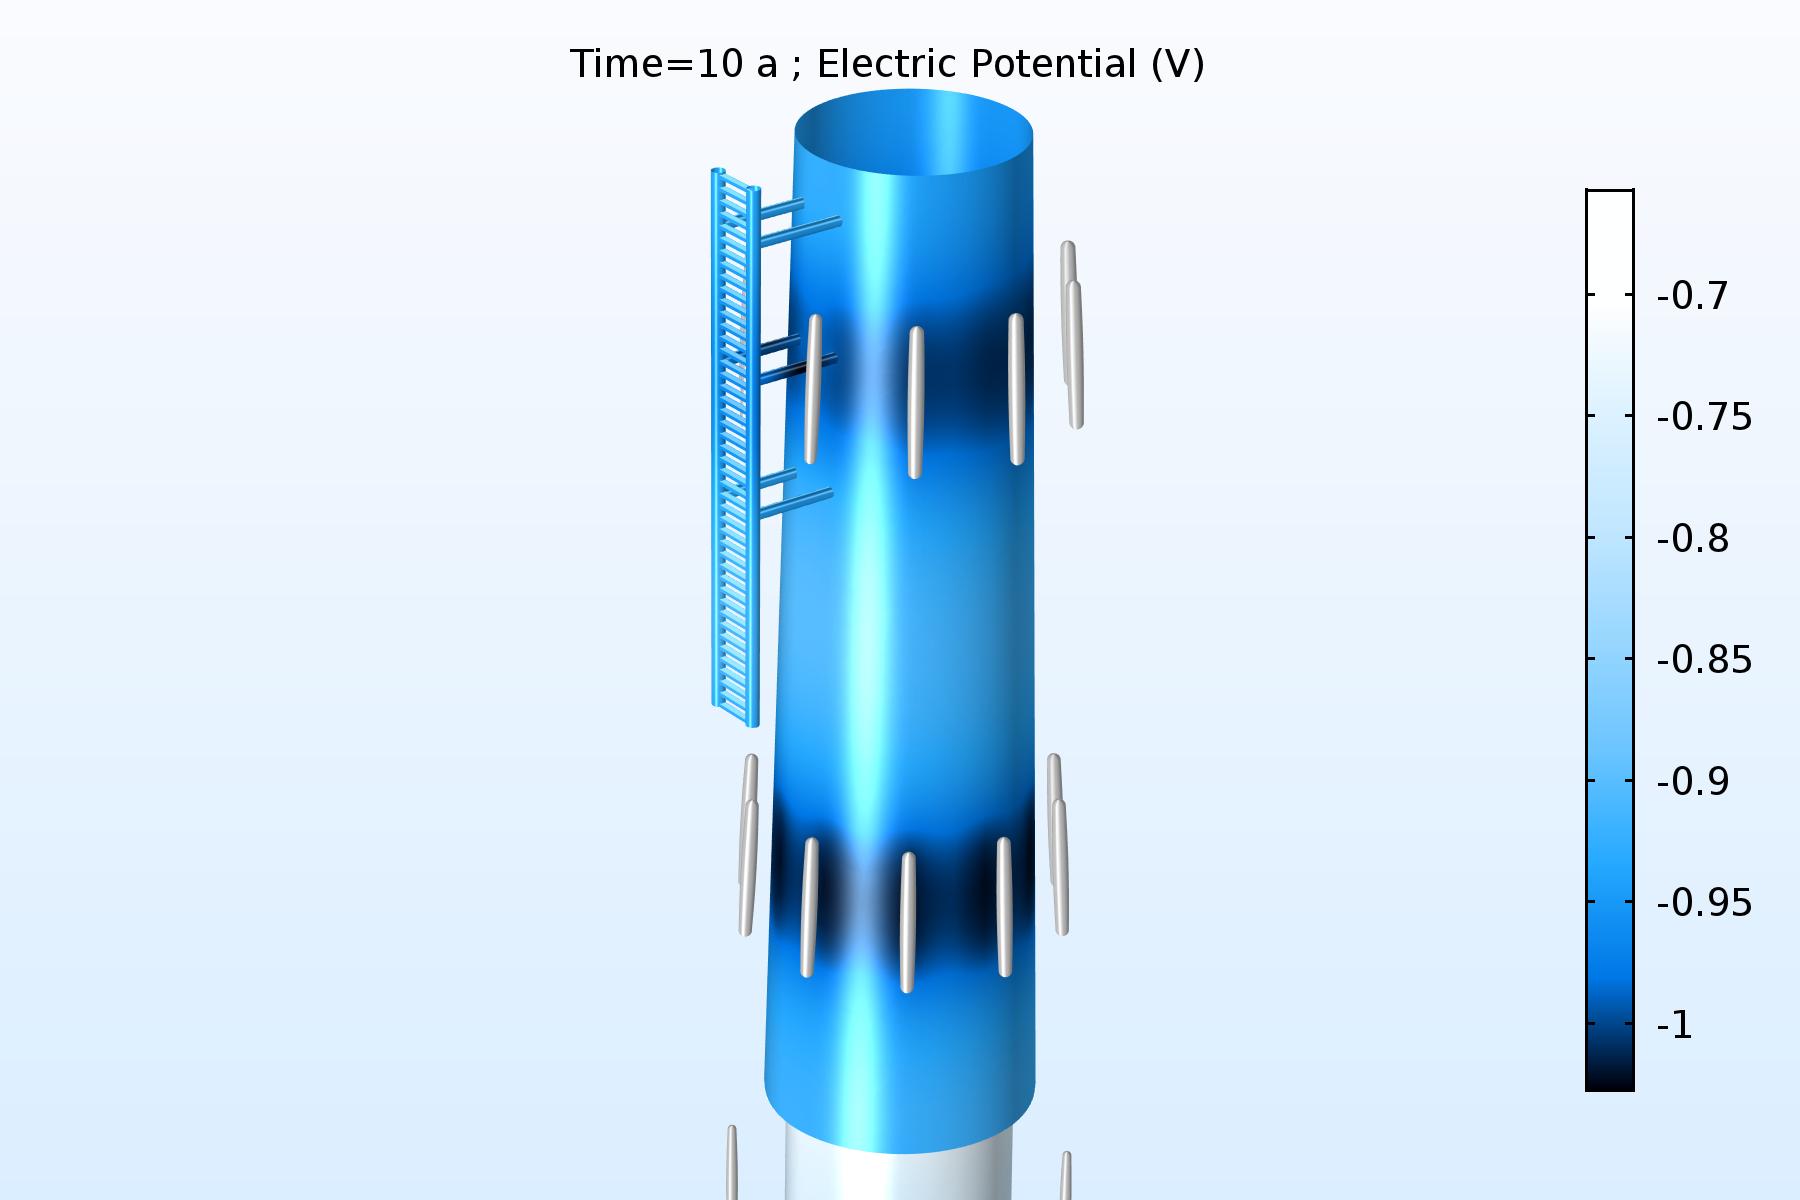 離岸風力發電機地基(單樁)上半部分的電極表面電勢。 隨著周圍犧牲陽極隨時間的溶解,其陰極防護能力下降。